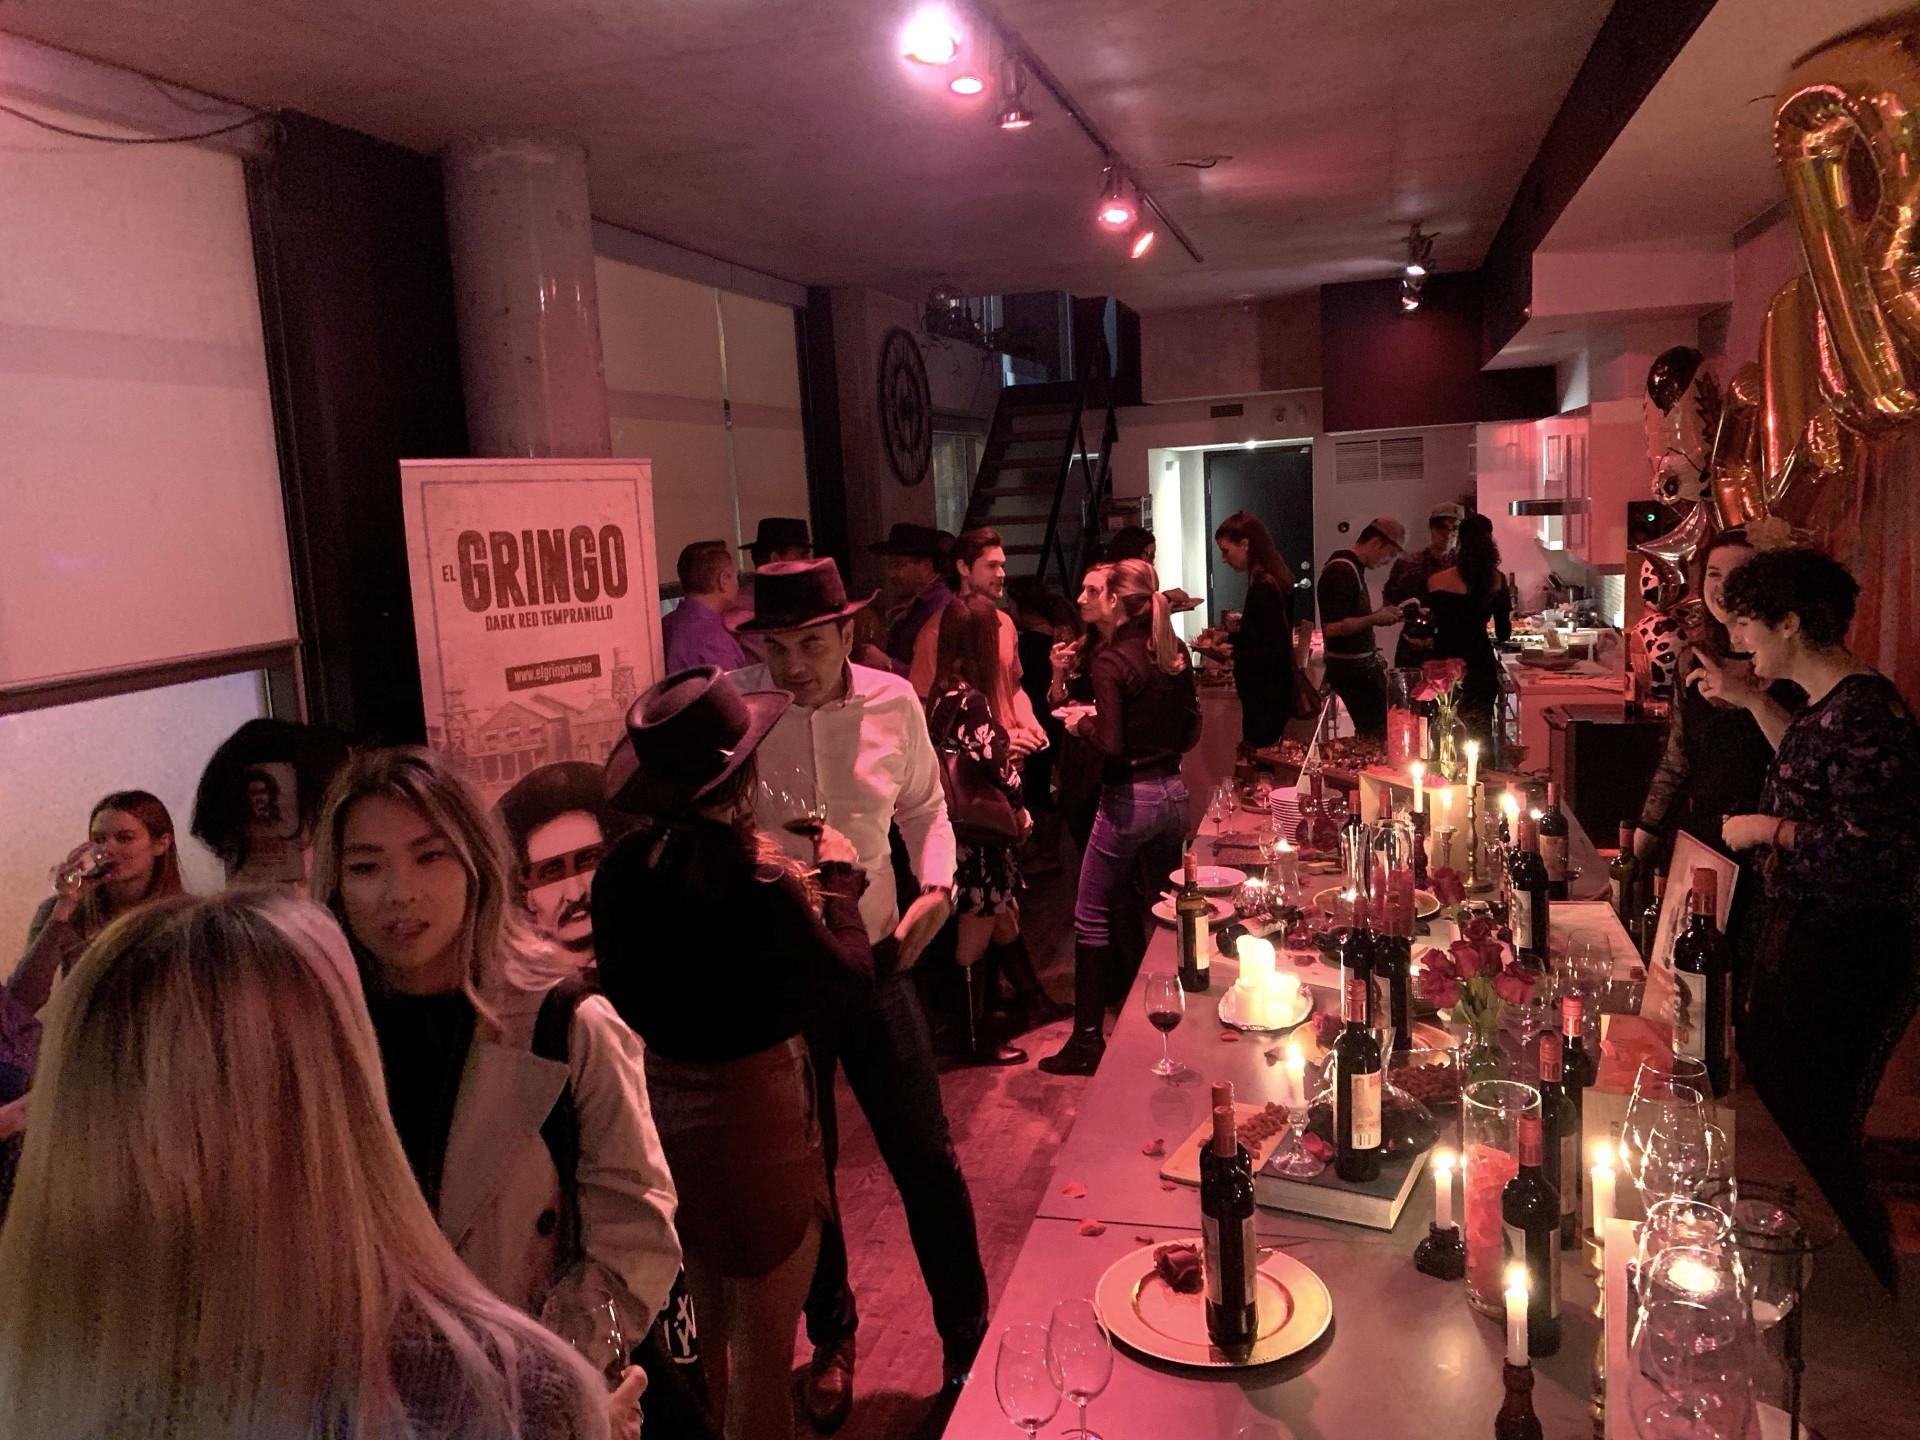 El Gringo Launch party in Toronto